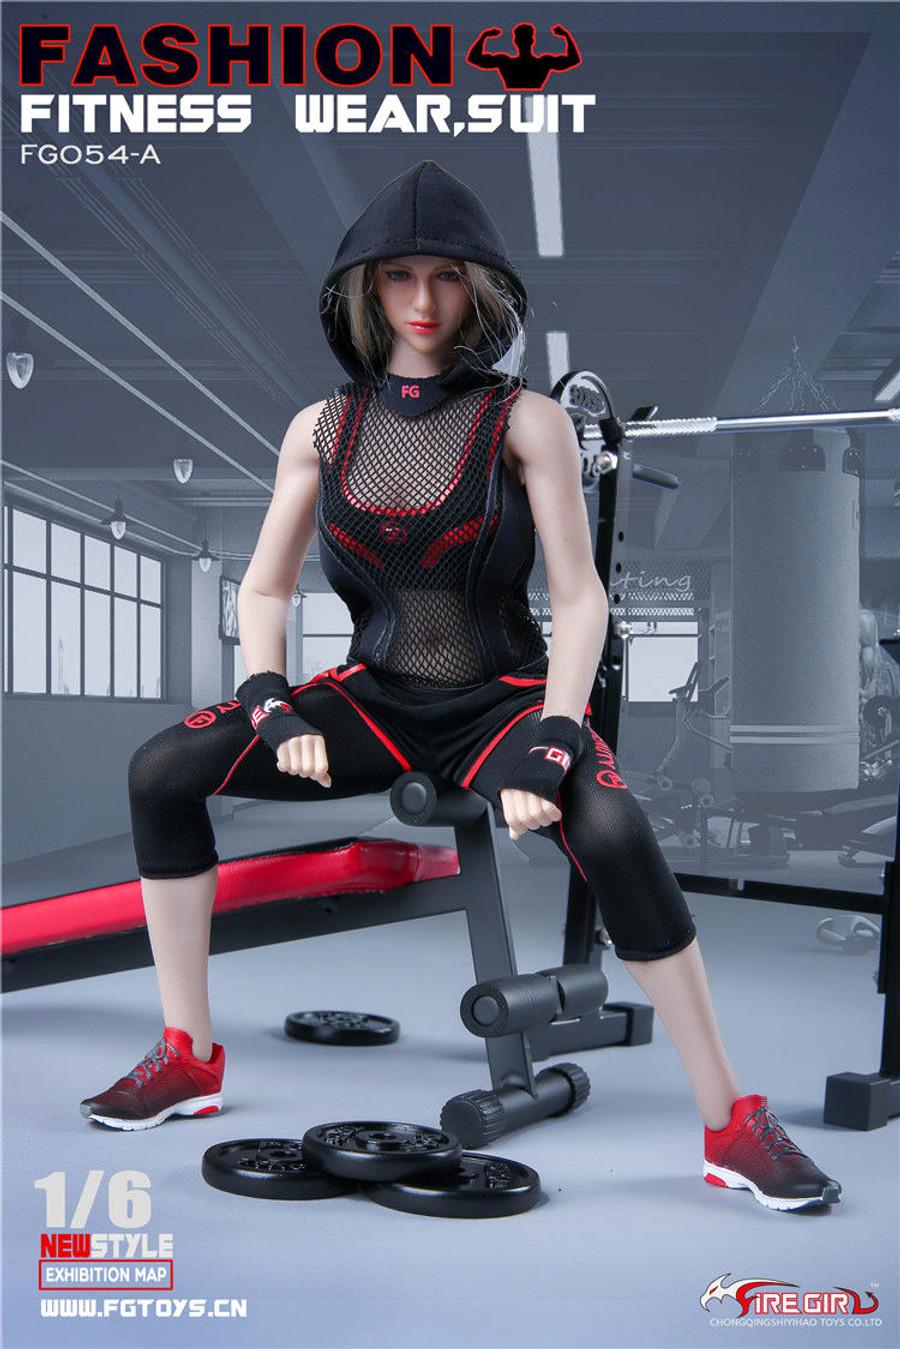 Fire Girl Toys - Fashion Women Fitness Wear